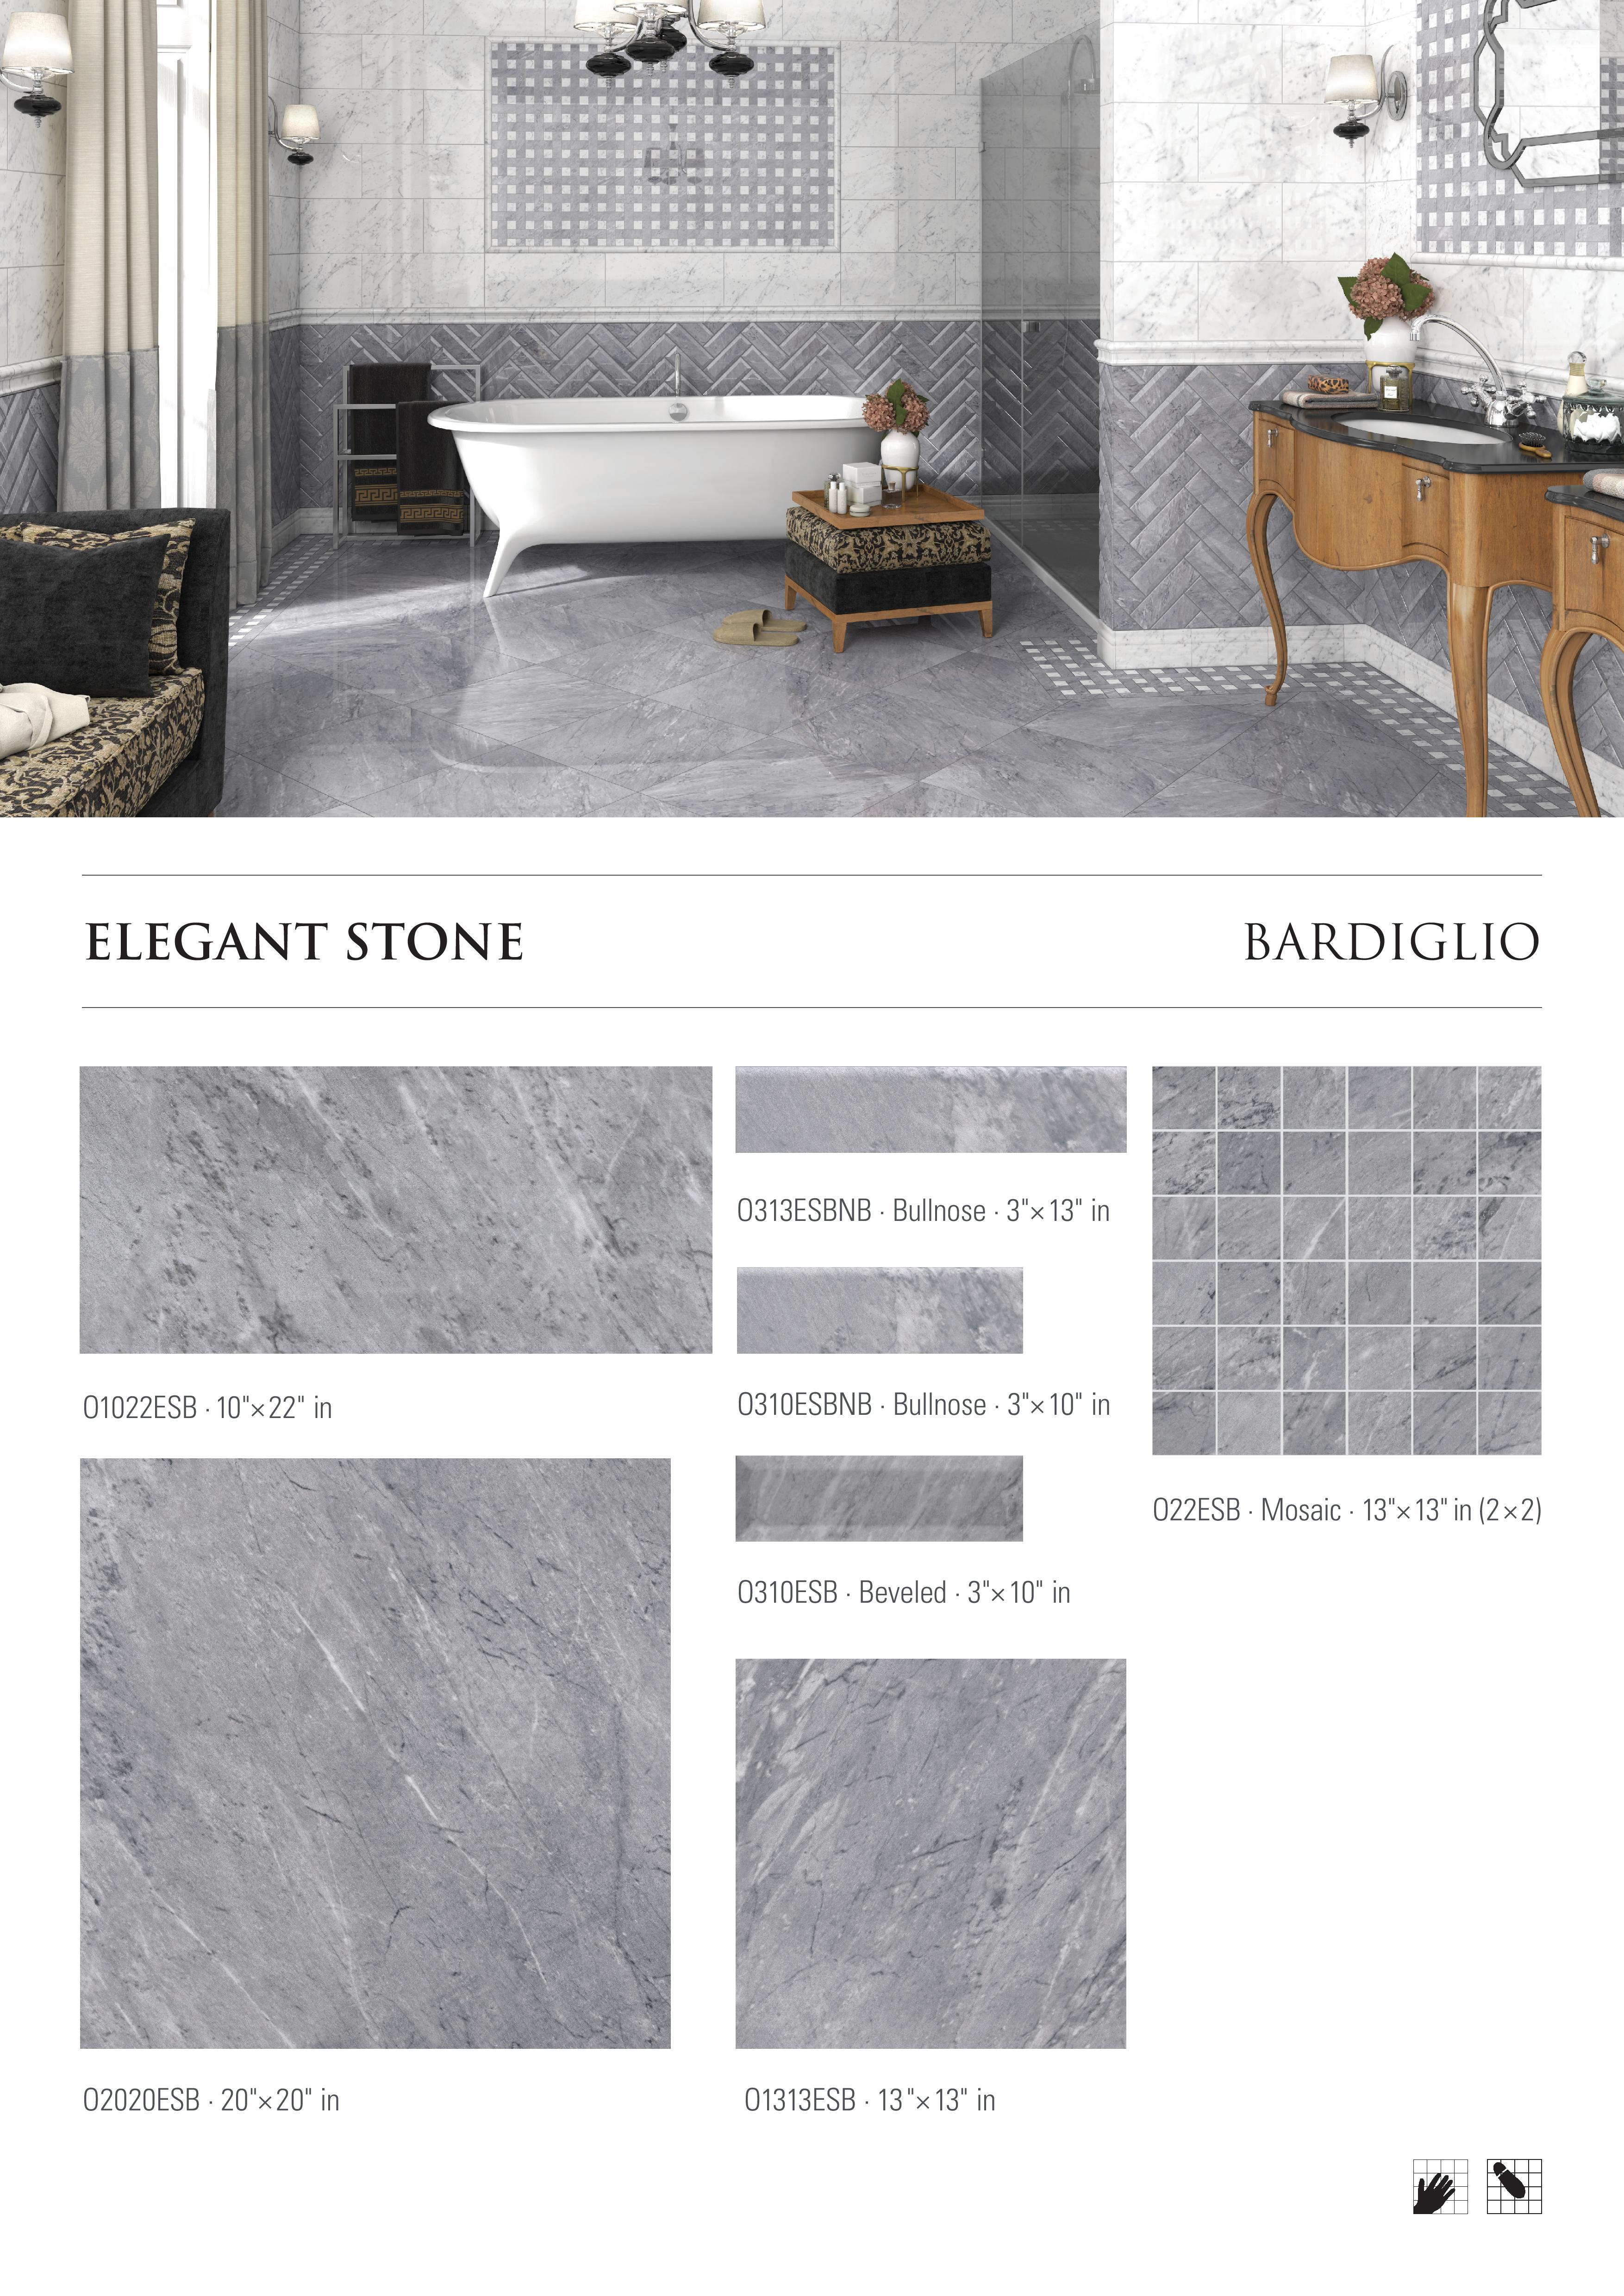 Elegant Stone Bardiglio Porcelain Tile by Opulenza at belktile.com